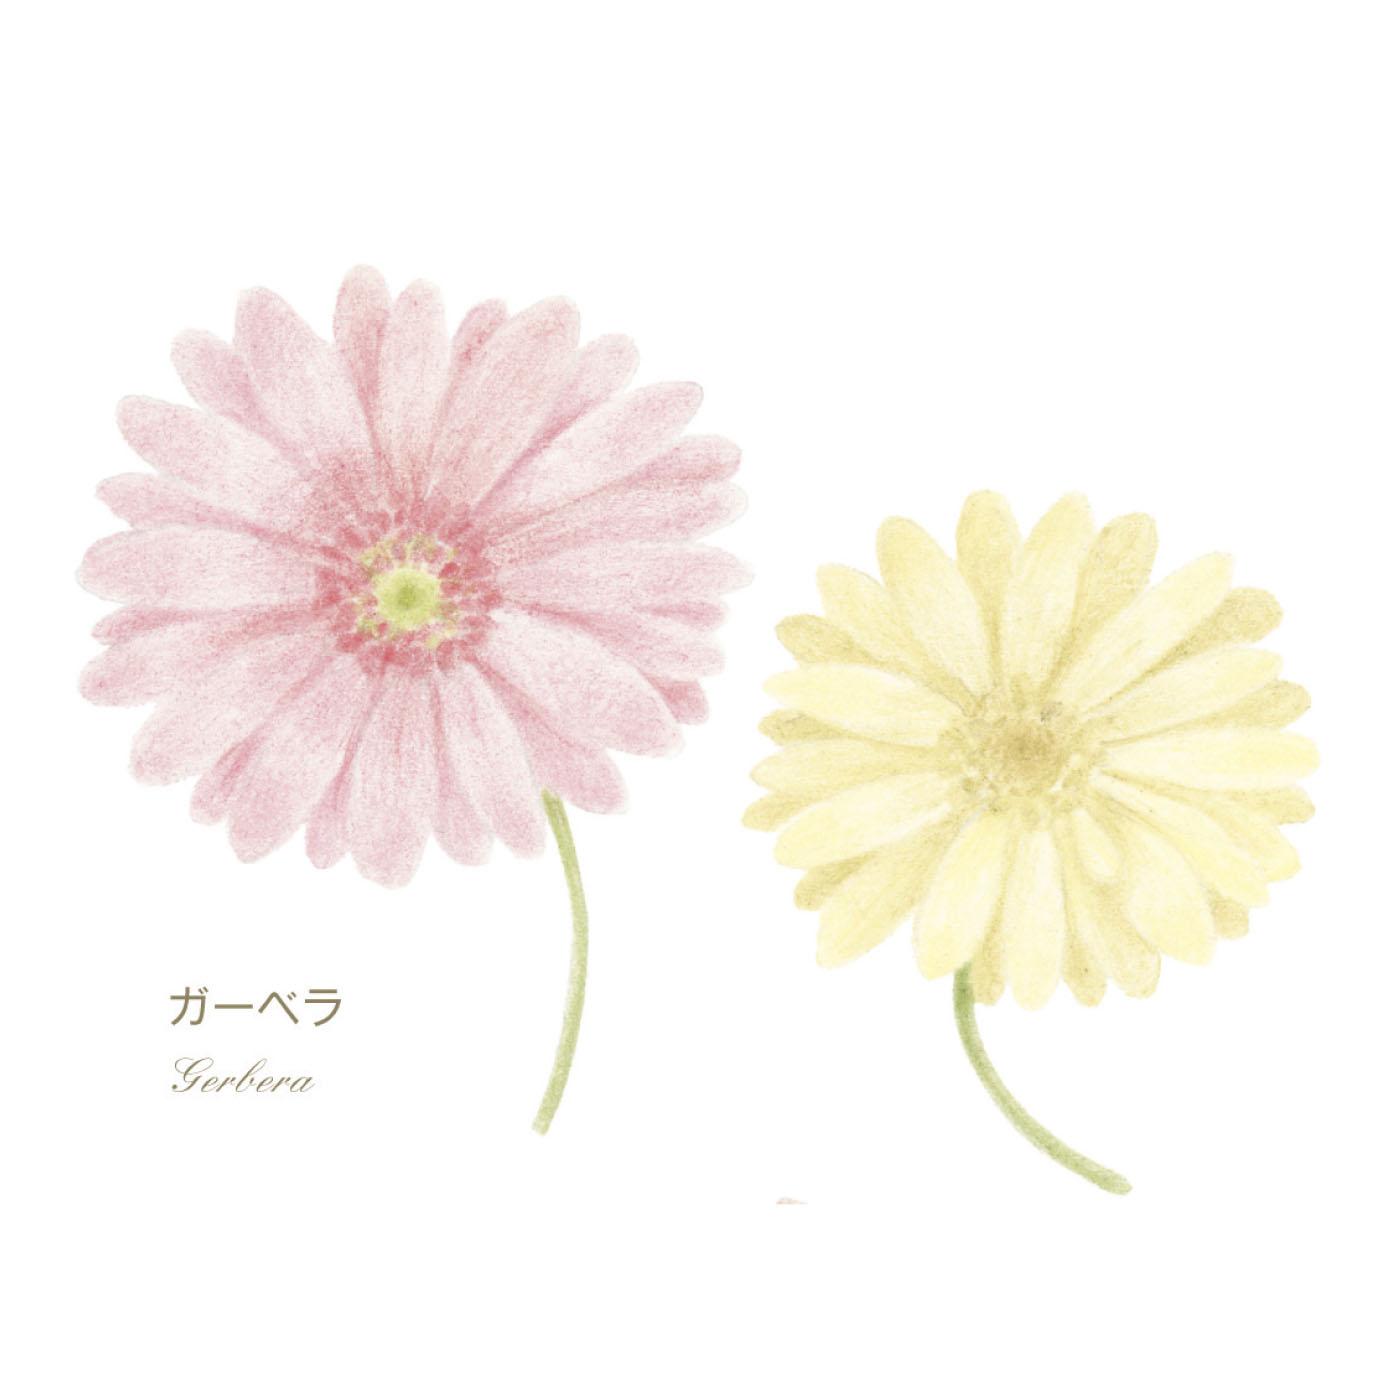 いろいろな花にチャレンジしてみよう!